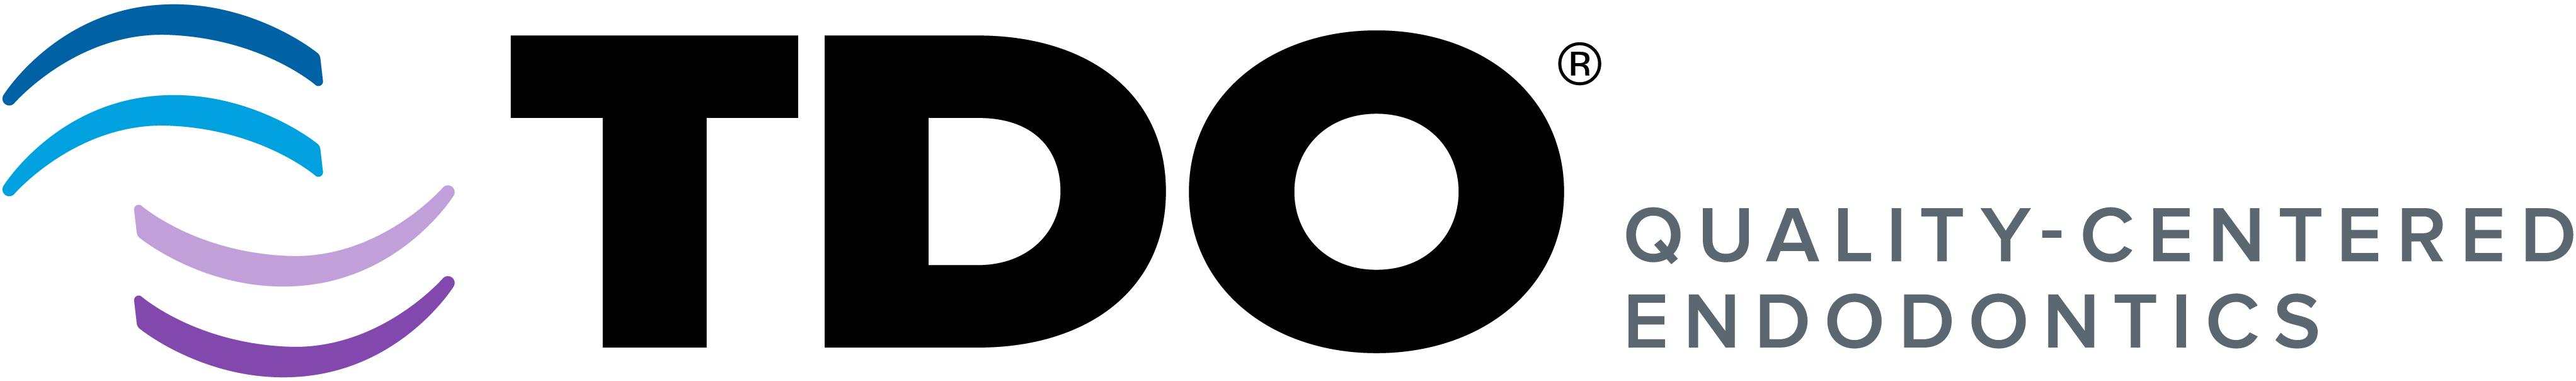 tdo_logo_tag_horiz_rgb